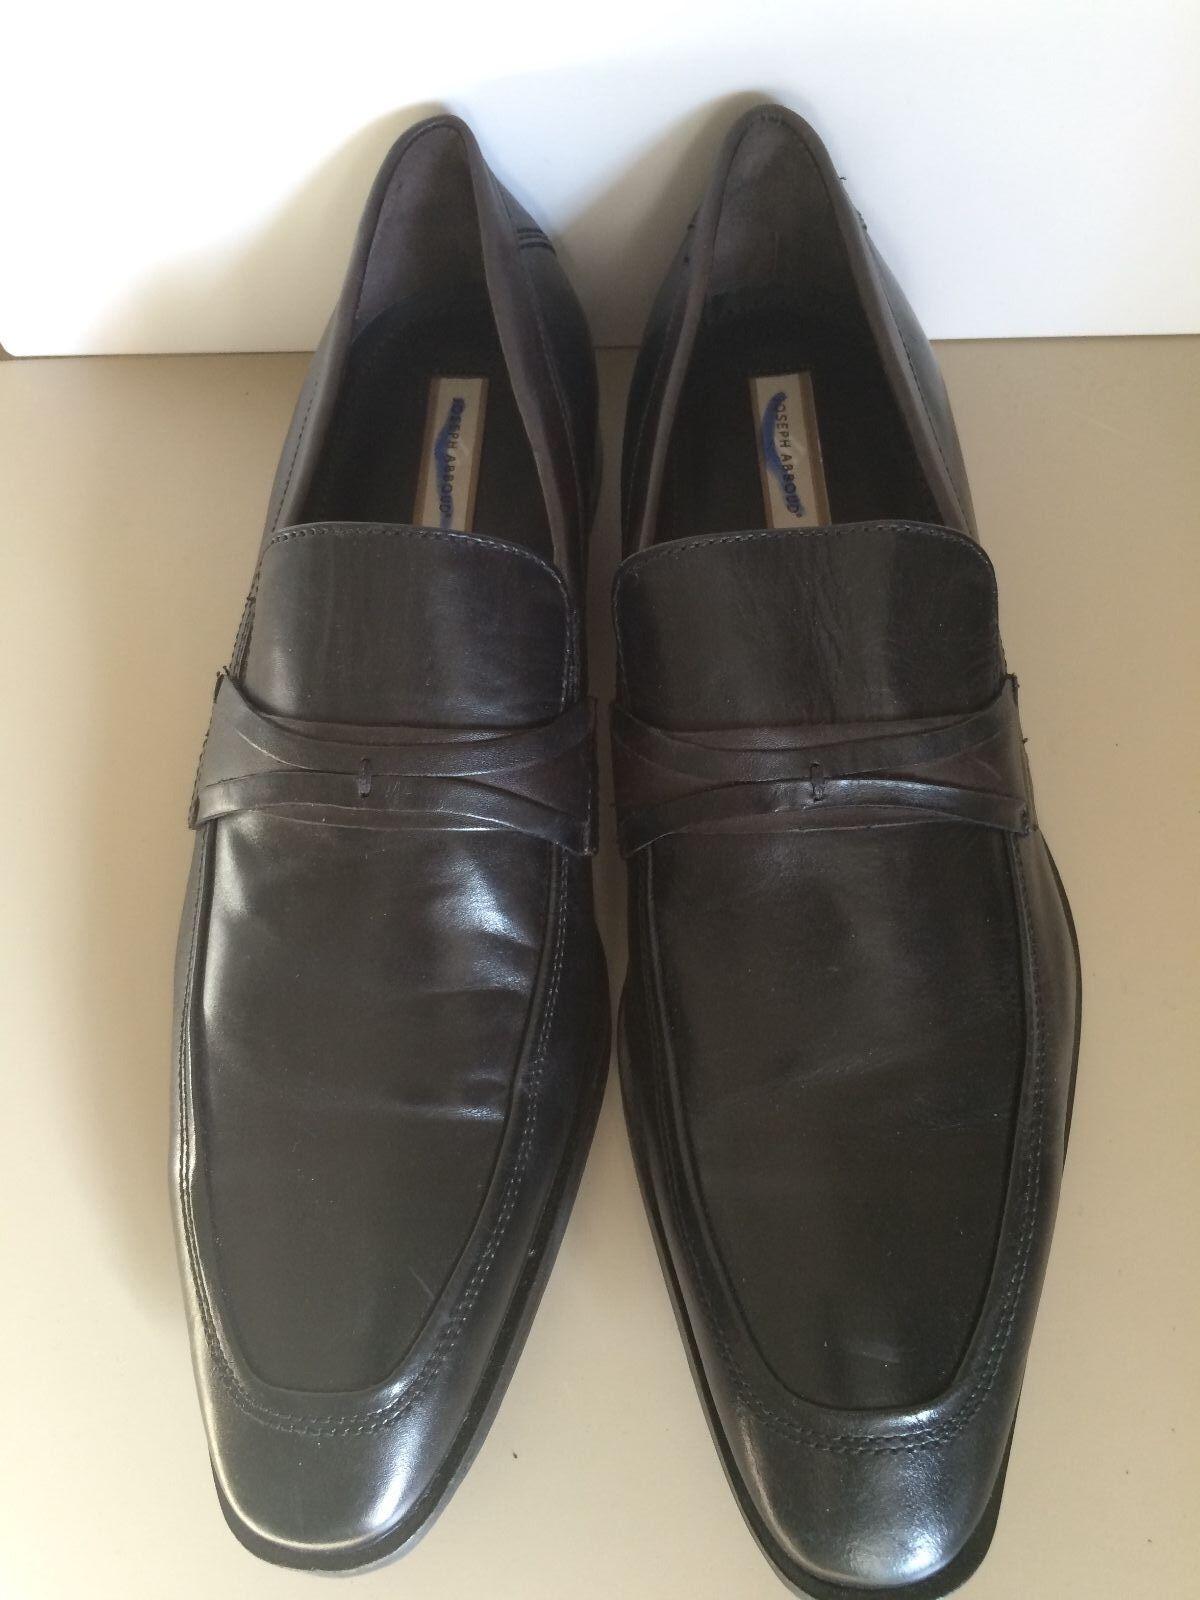 Joseph Abboud 10.5M Shoes Black Leather Split Toe Oxfords Lace Up Mens